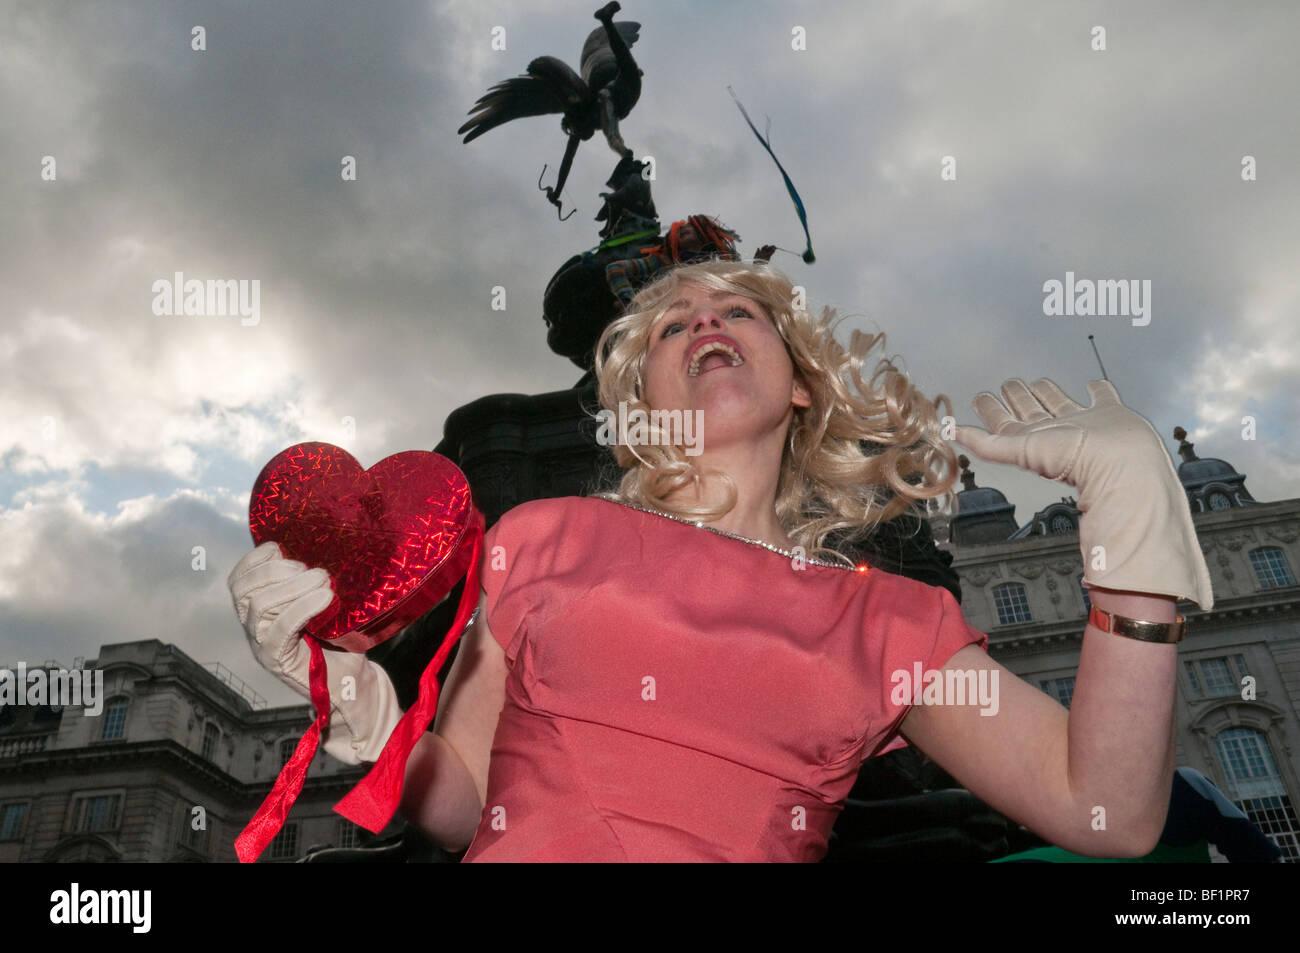 Récupérer l'amour Parti Valentines à Piccadilly Circus, célèbre l'amour contre le consumérisme. Femme avec coeur et Eros Banque D'Images